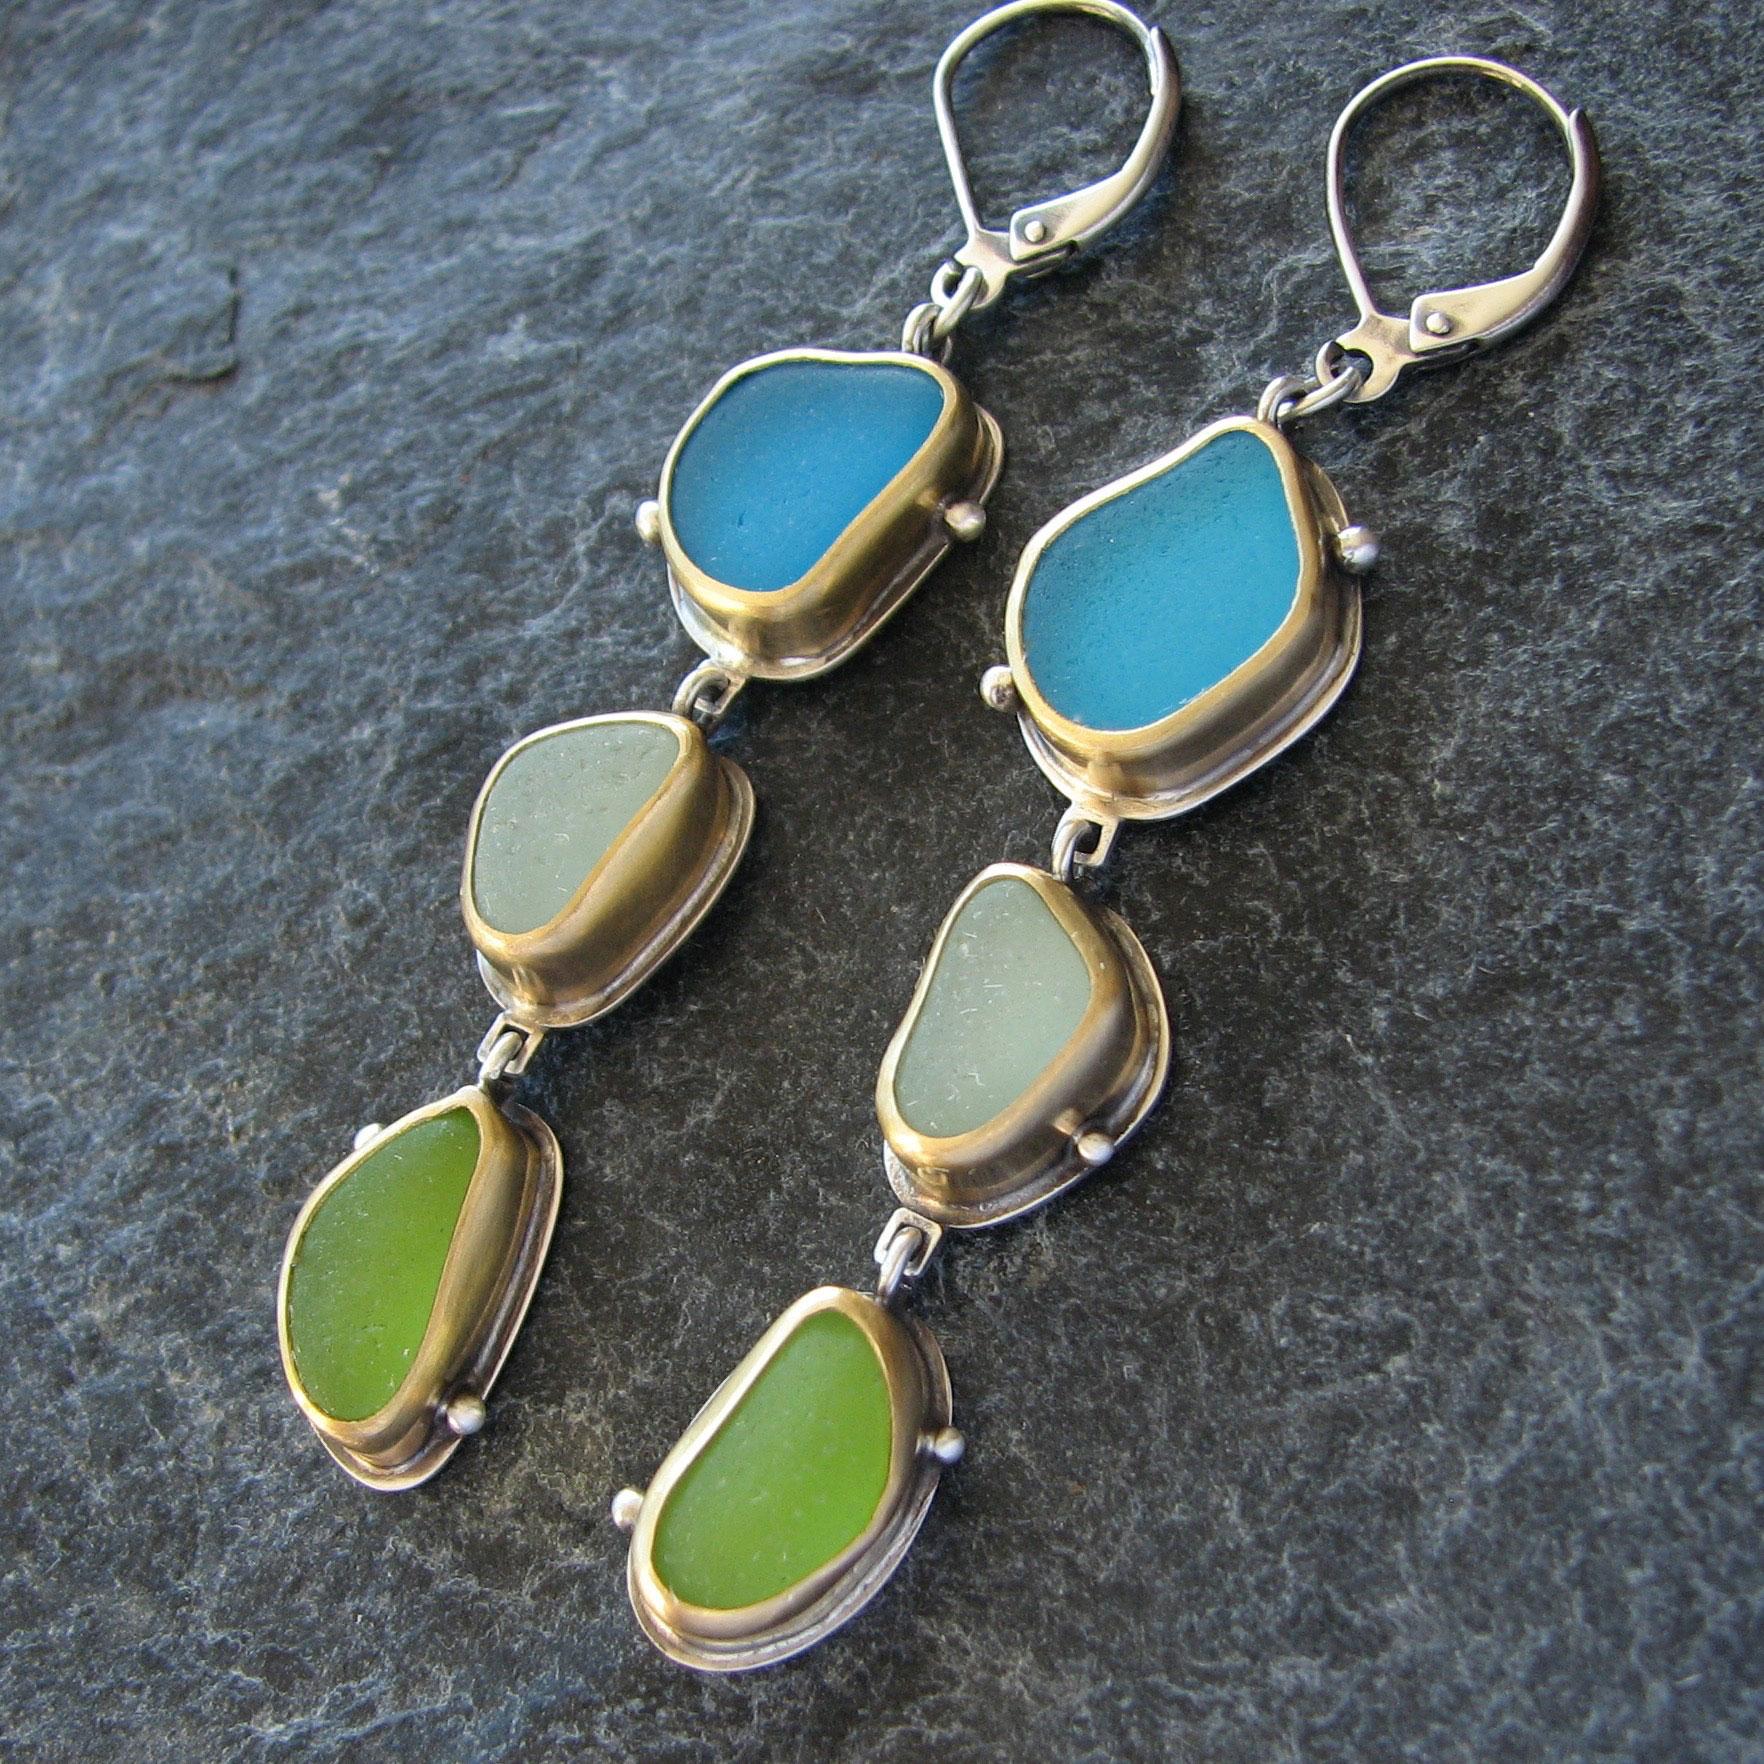 sea-glass-earrings-triple-monica-branstrom-studio.jpg